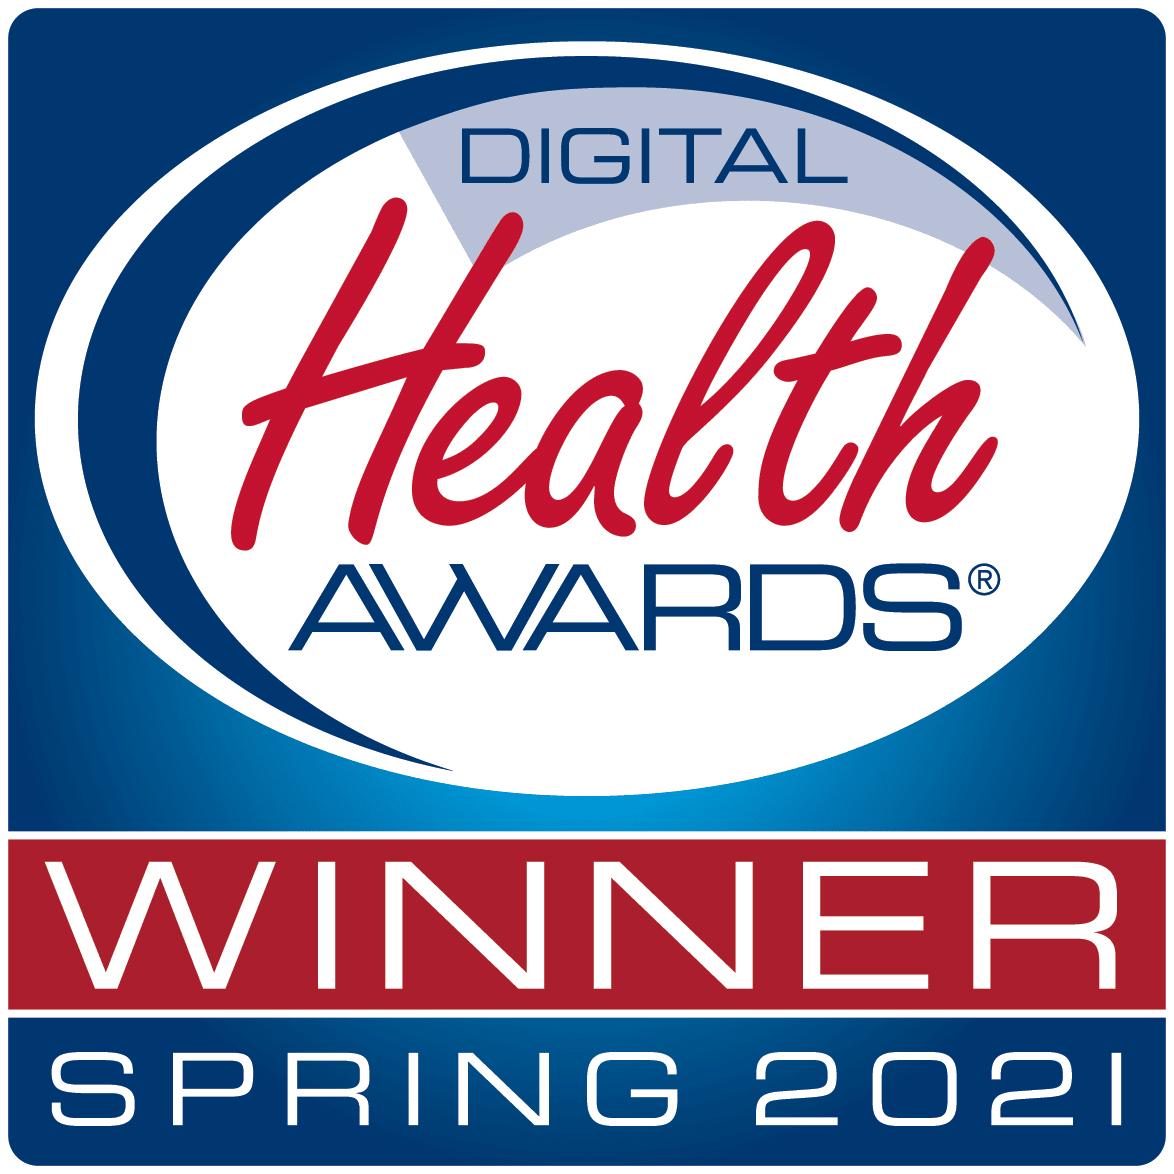 Digital Health Awards Winner Spring 2021